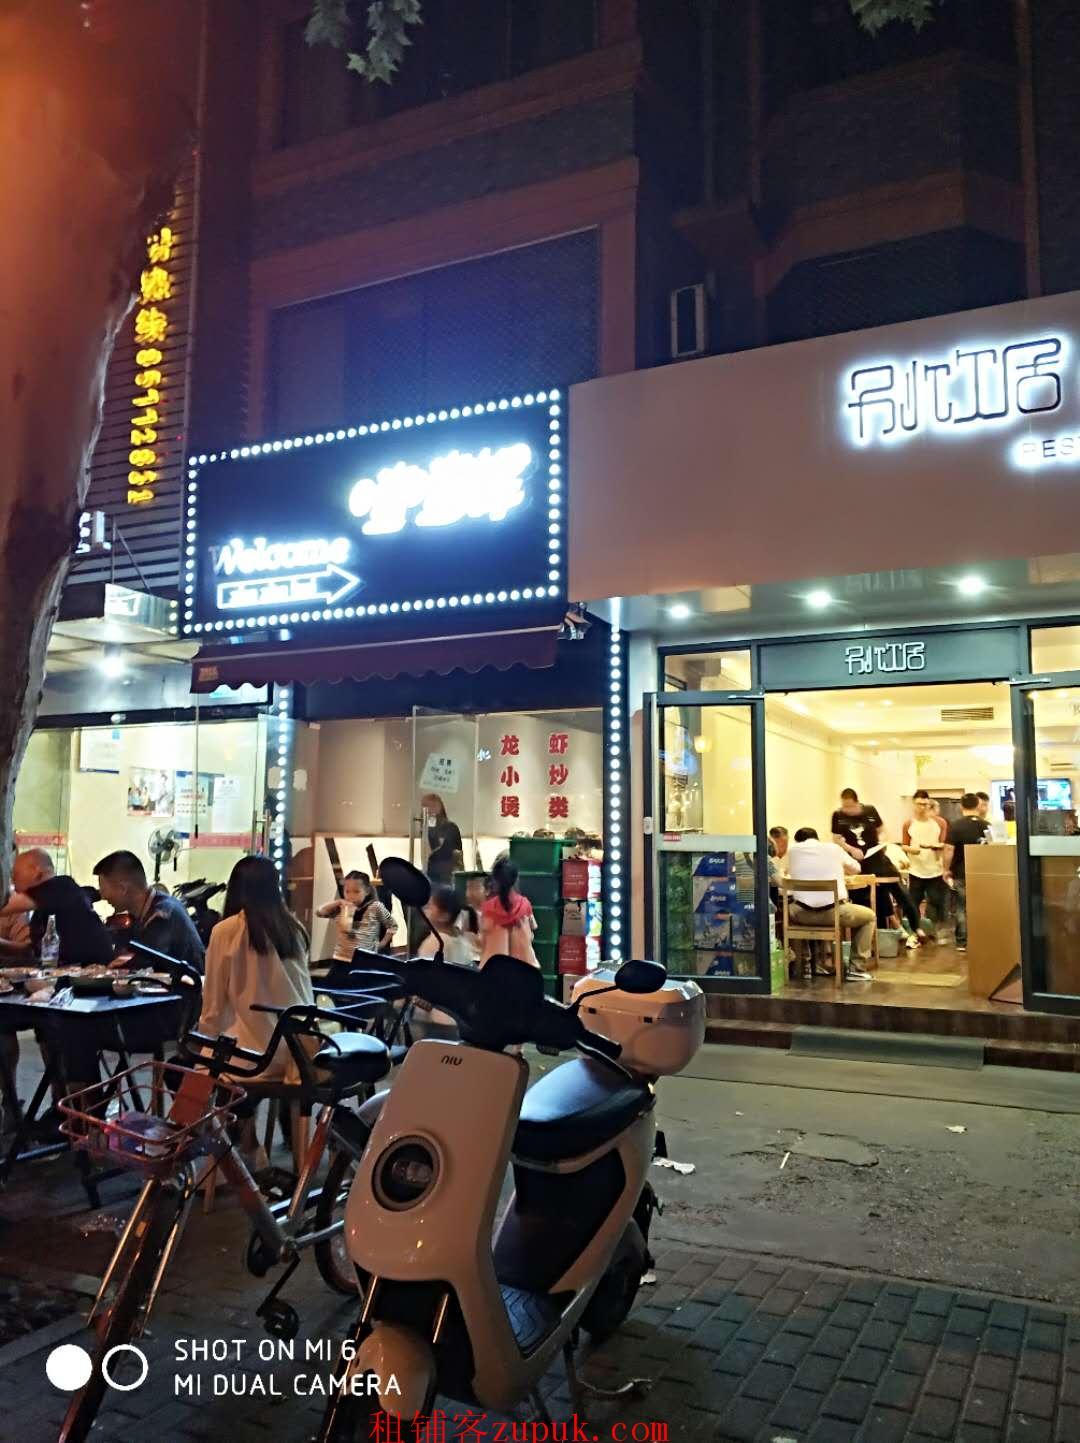 西湖区马云总部支付宝大楼唯一就餐点档口出租 排队就餐